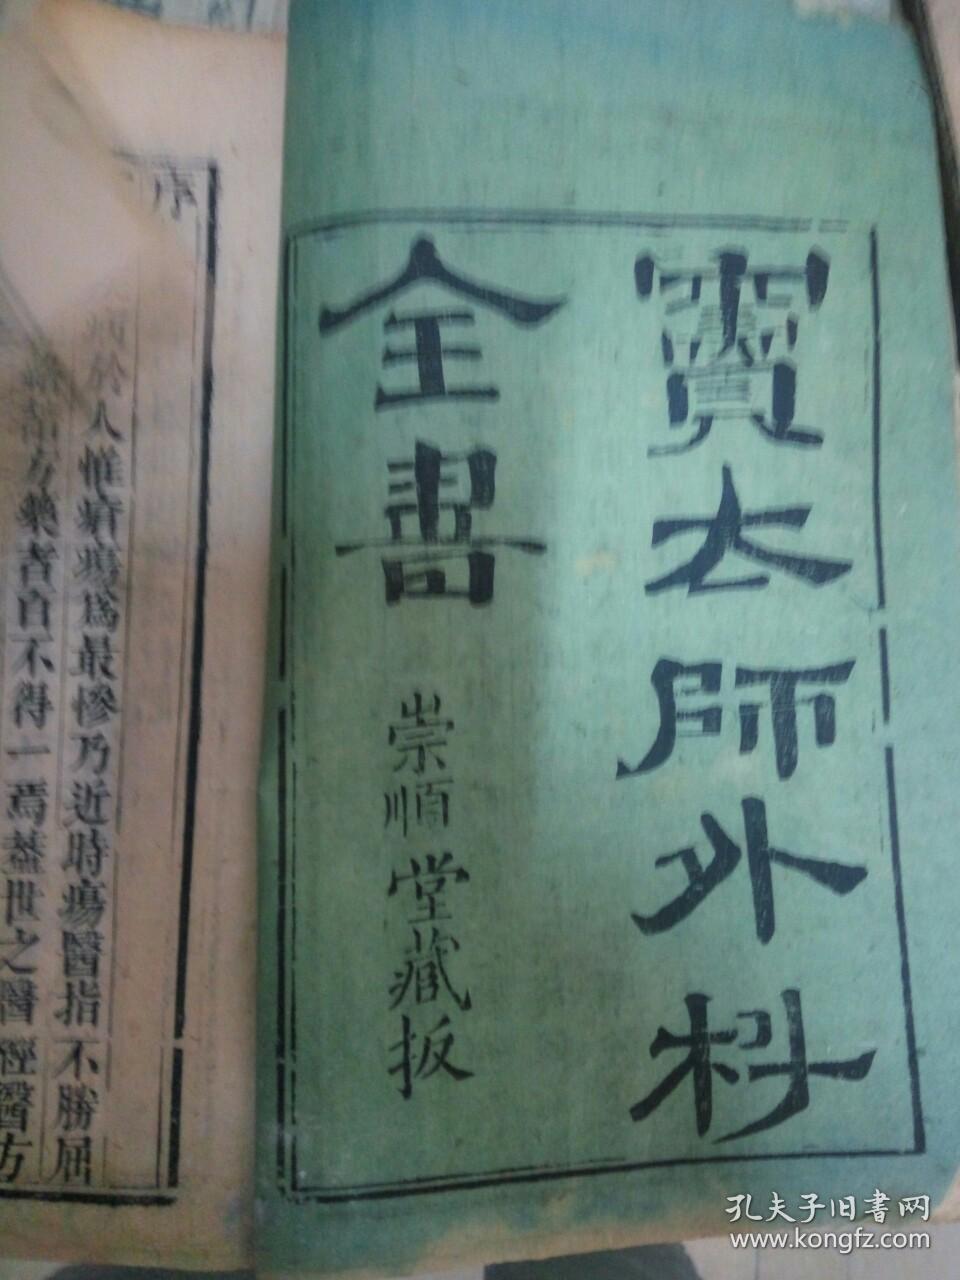 康熙崇顺堂大开本木板精刻 疮疡经验全书 六册六卷全图片